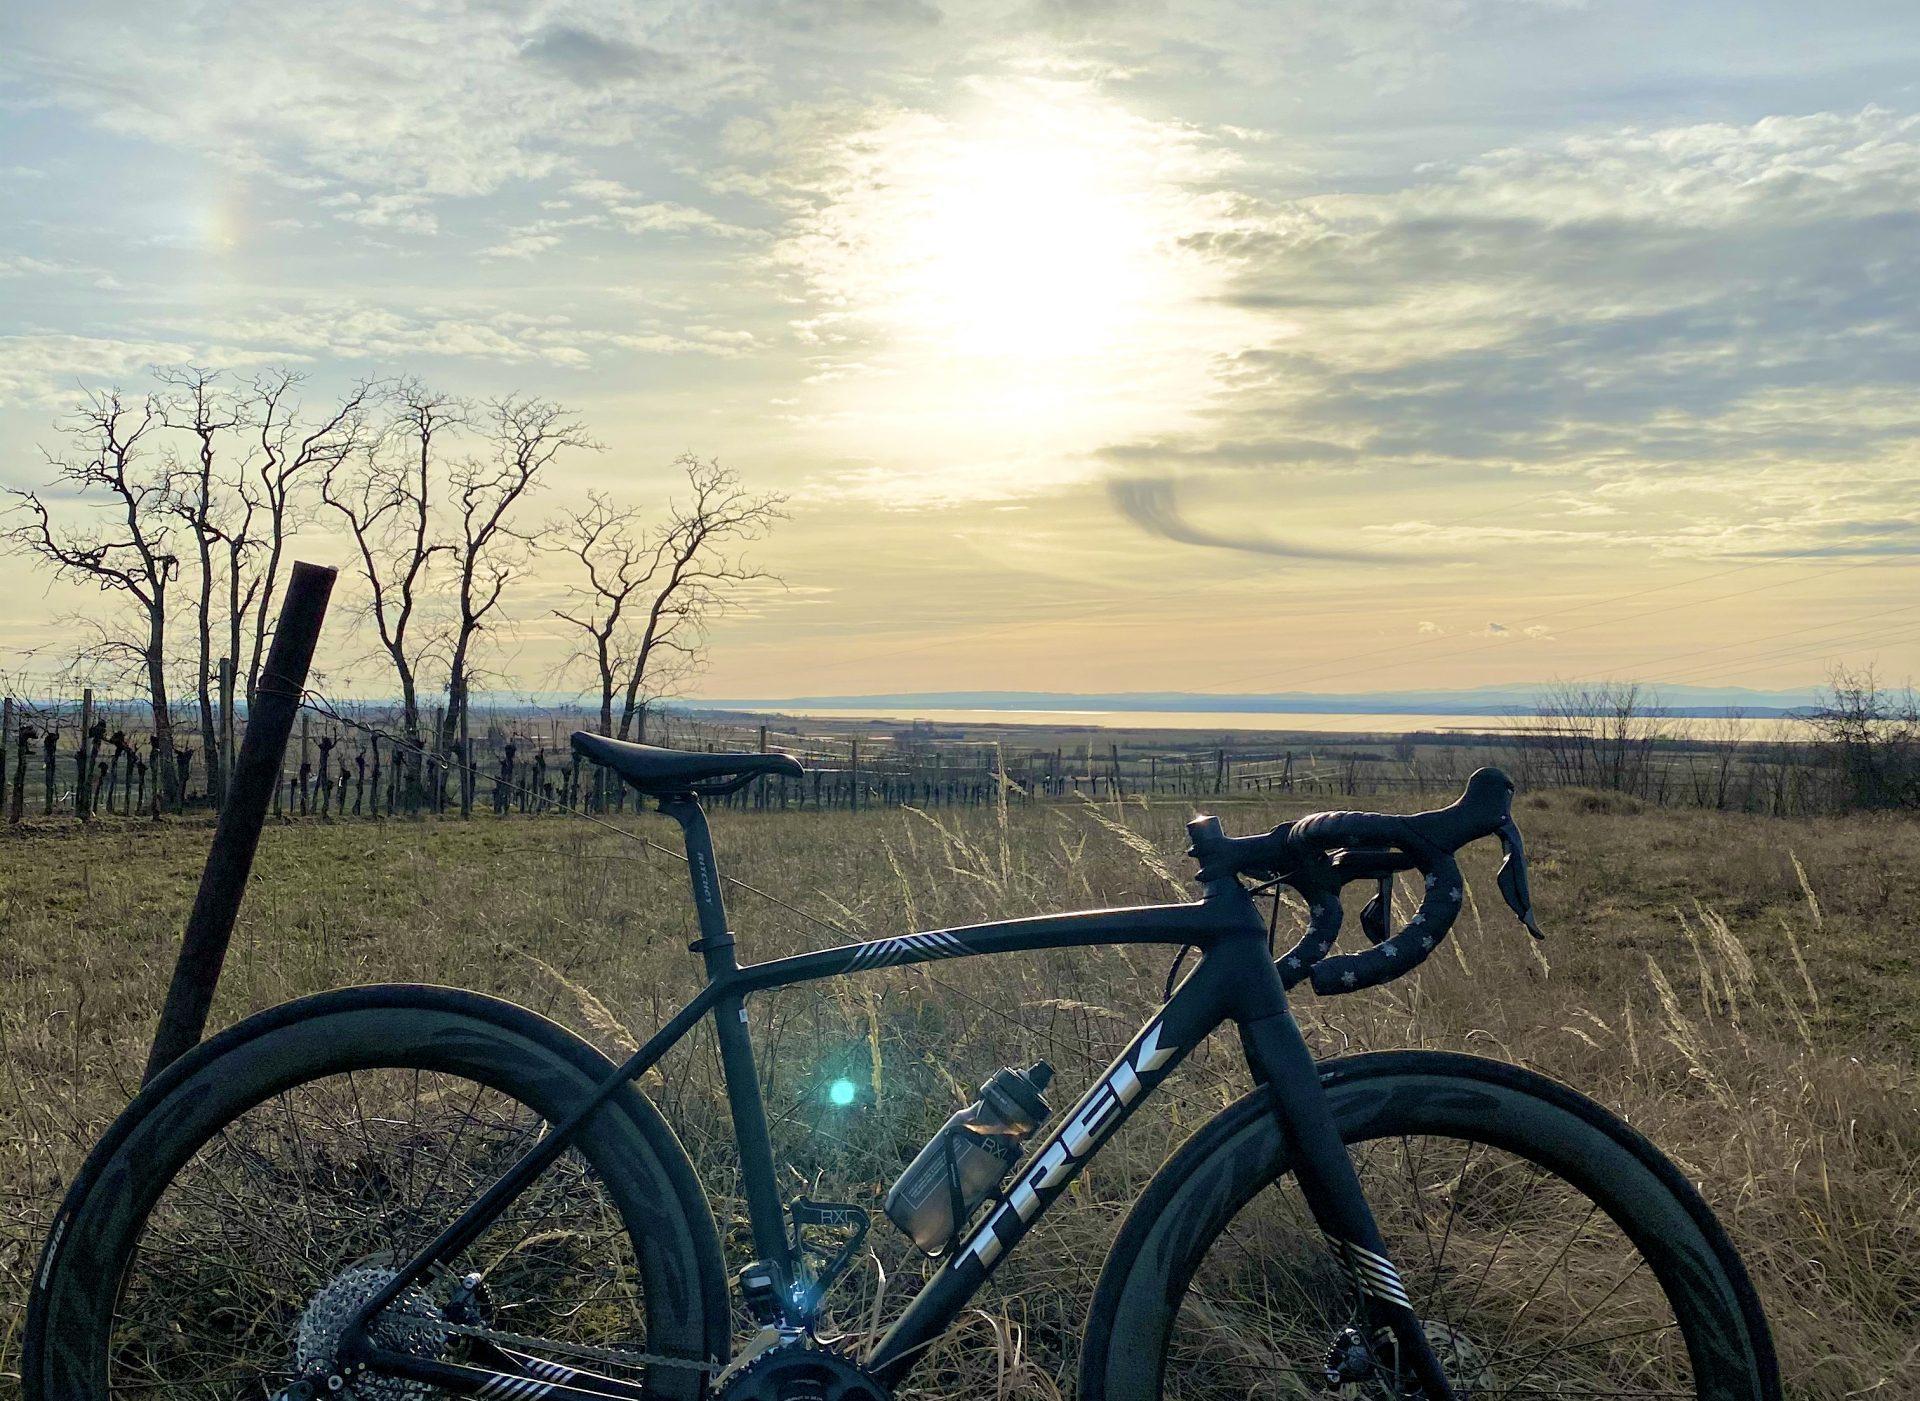 Sonnenuntergang mit modernem Rennrad im Vordergrund